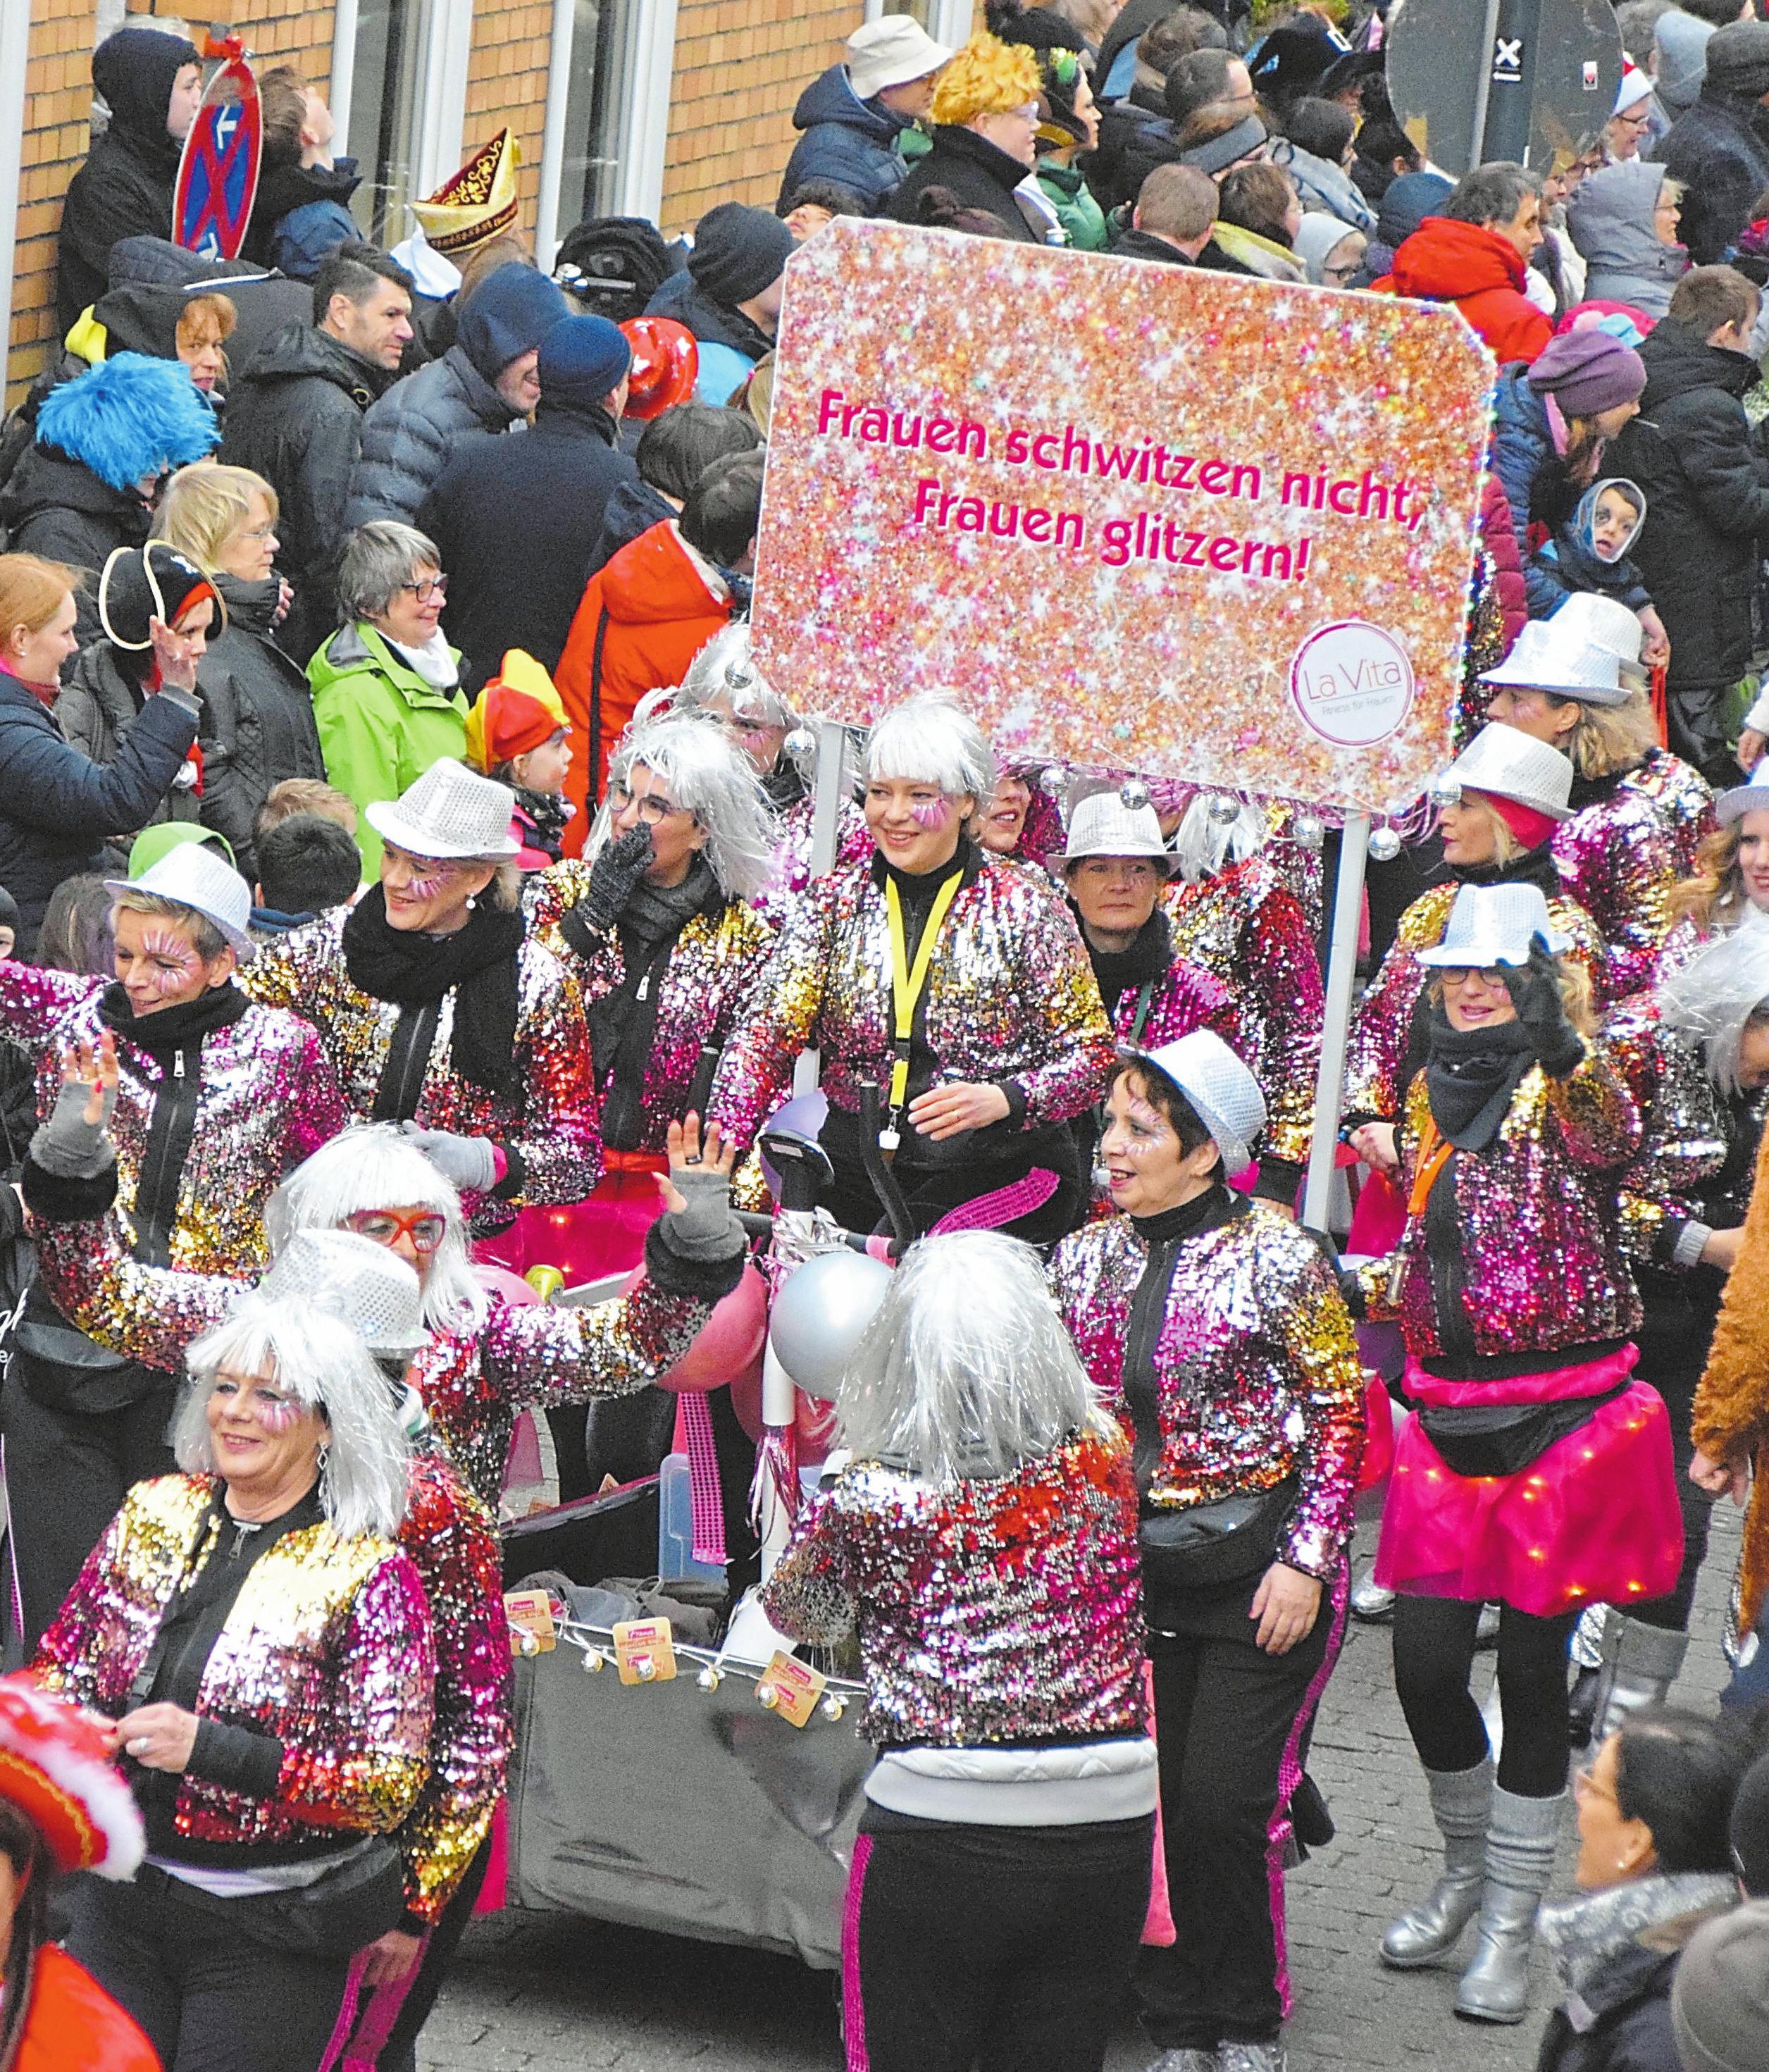 Der Straßenkarneval im vergangenen Jahr war wie immer sehr gut besucht und ein voller Erfolg. Fotos: Schwerdt/Pohlkamp